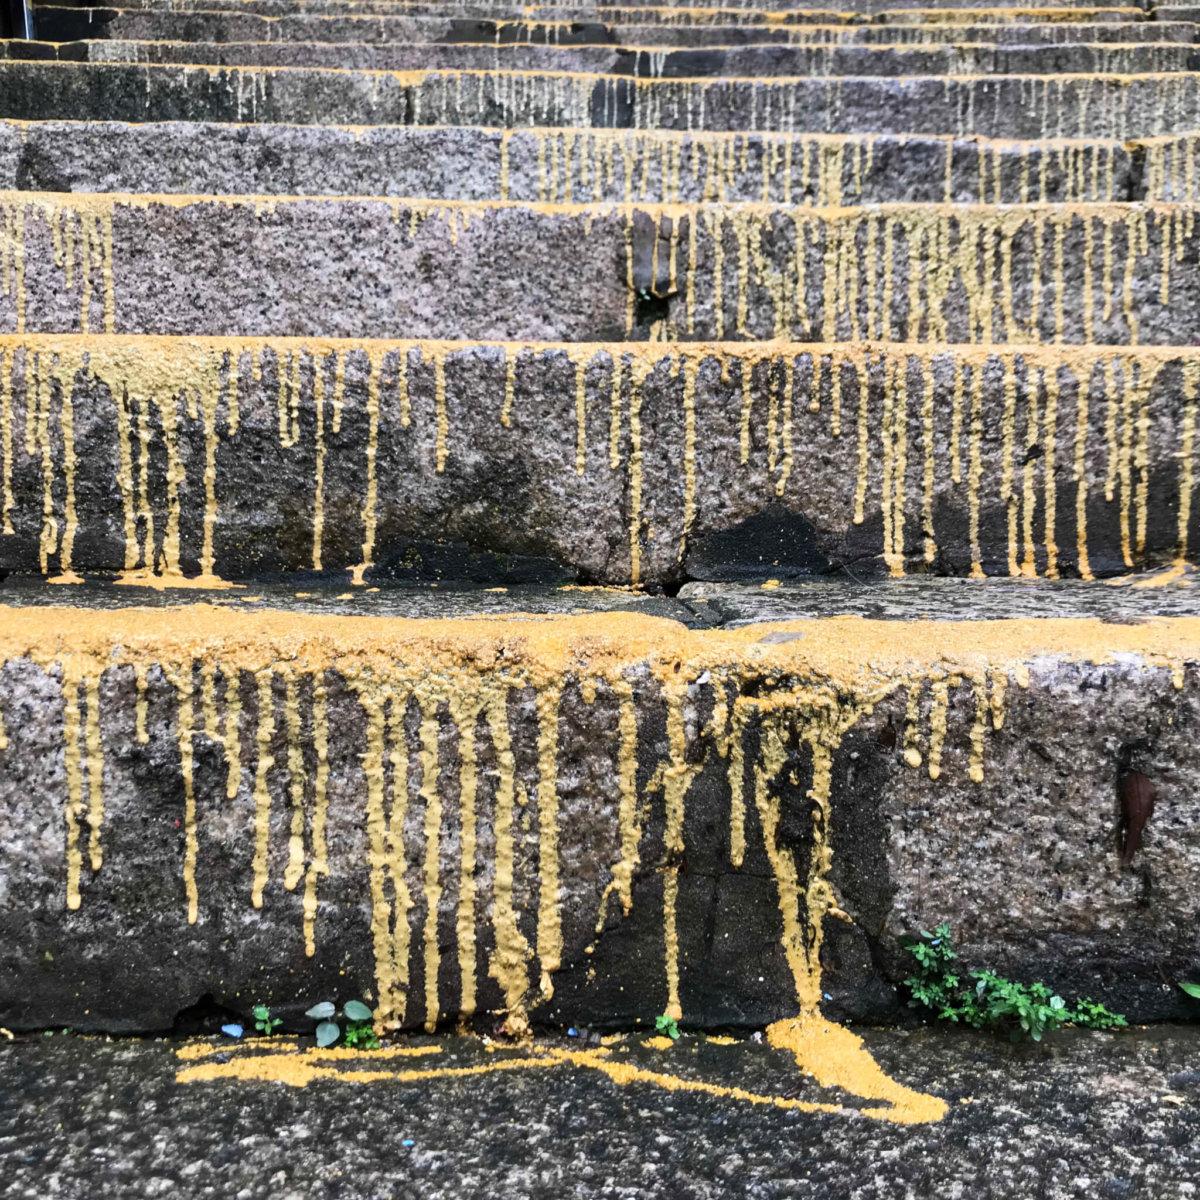 百年花崗石梯遭路政署淋上「防滑黃色鋼砂」,被批損害古物和造工粗劣,近期當局每日清理三級樓梯。